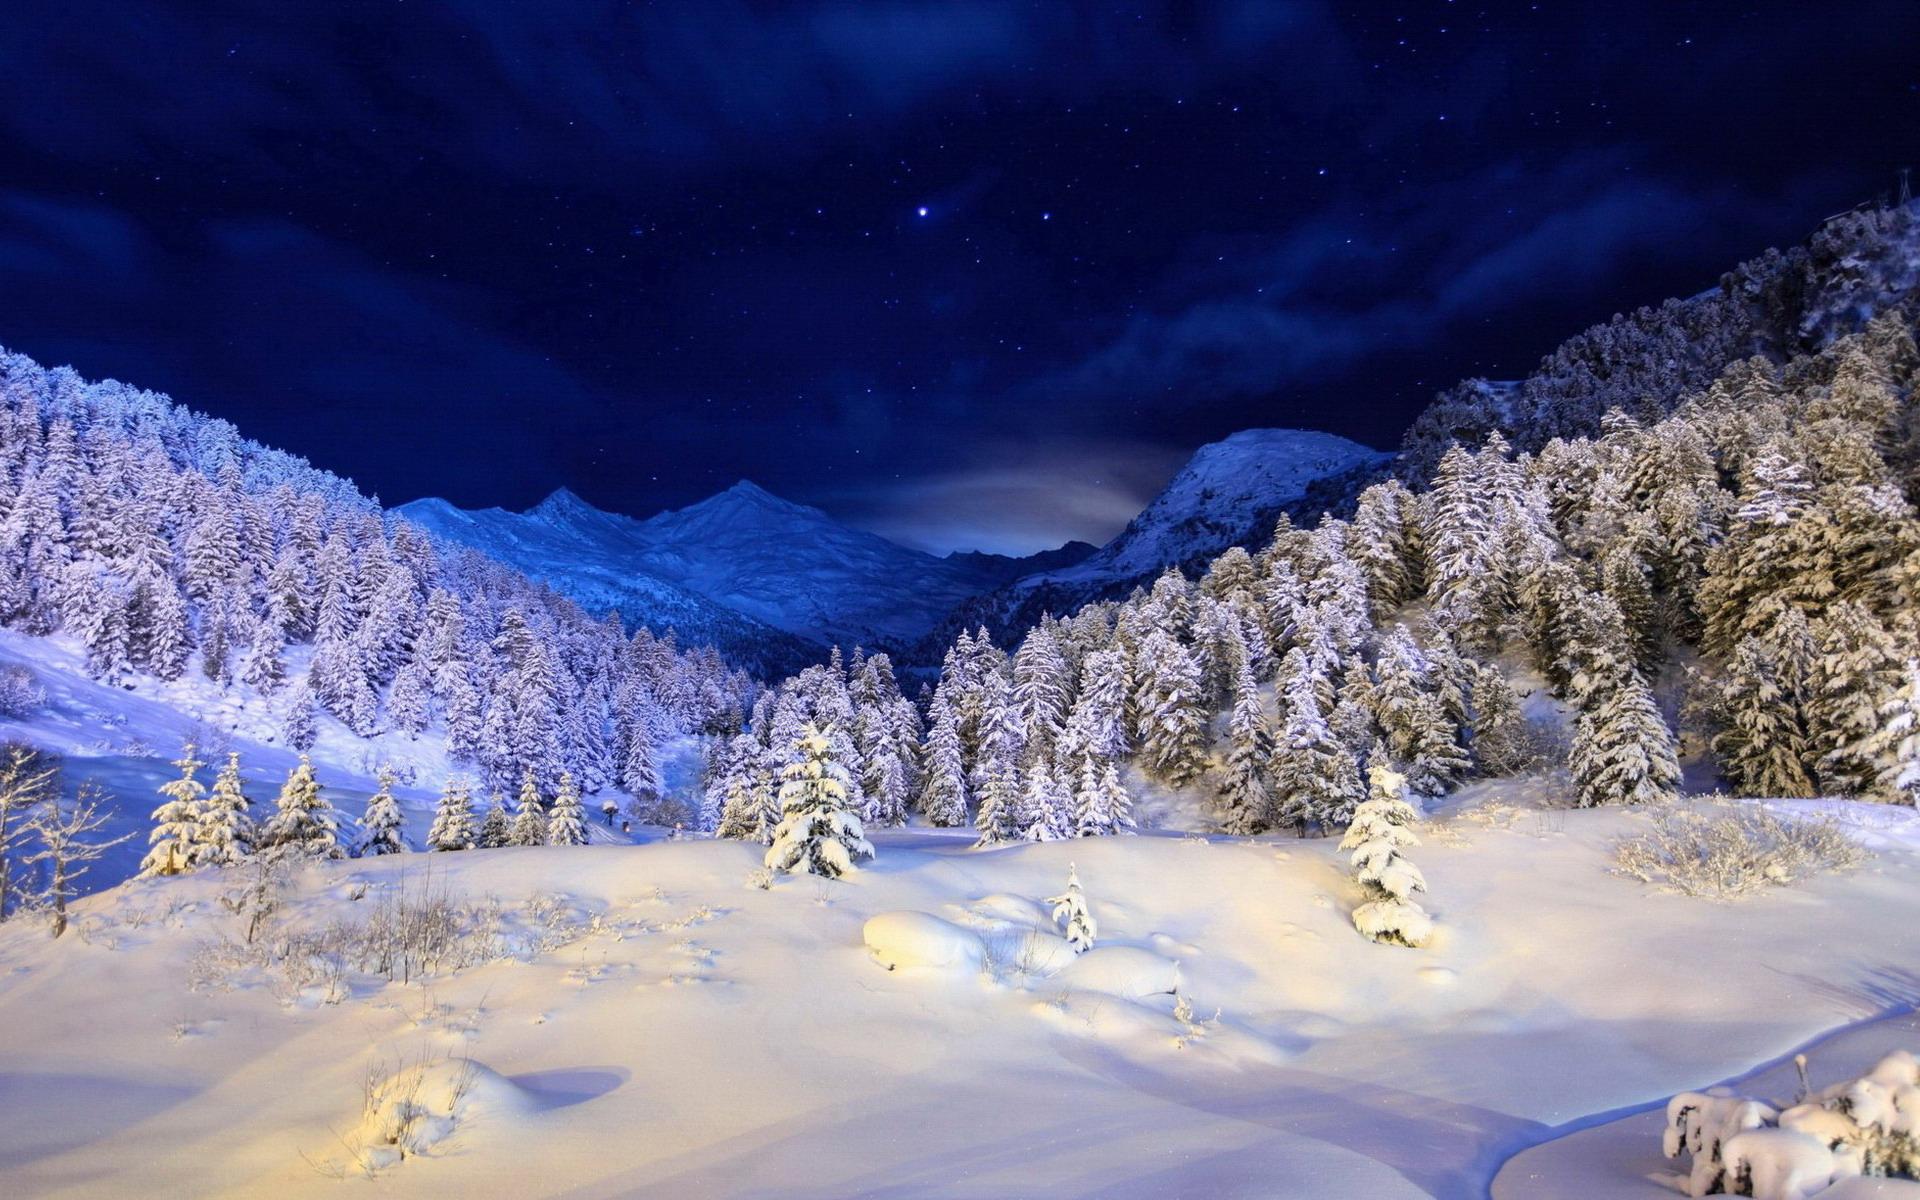 обои зима на рабочий стол пейзаж № 640736 загрузить